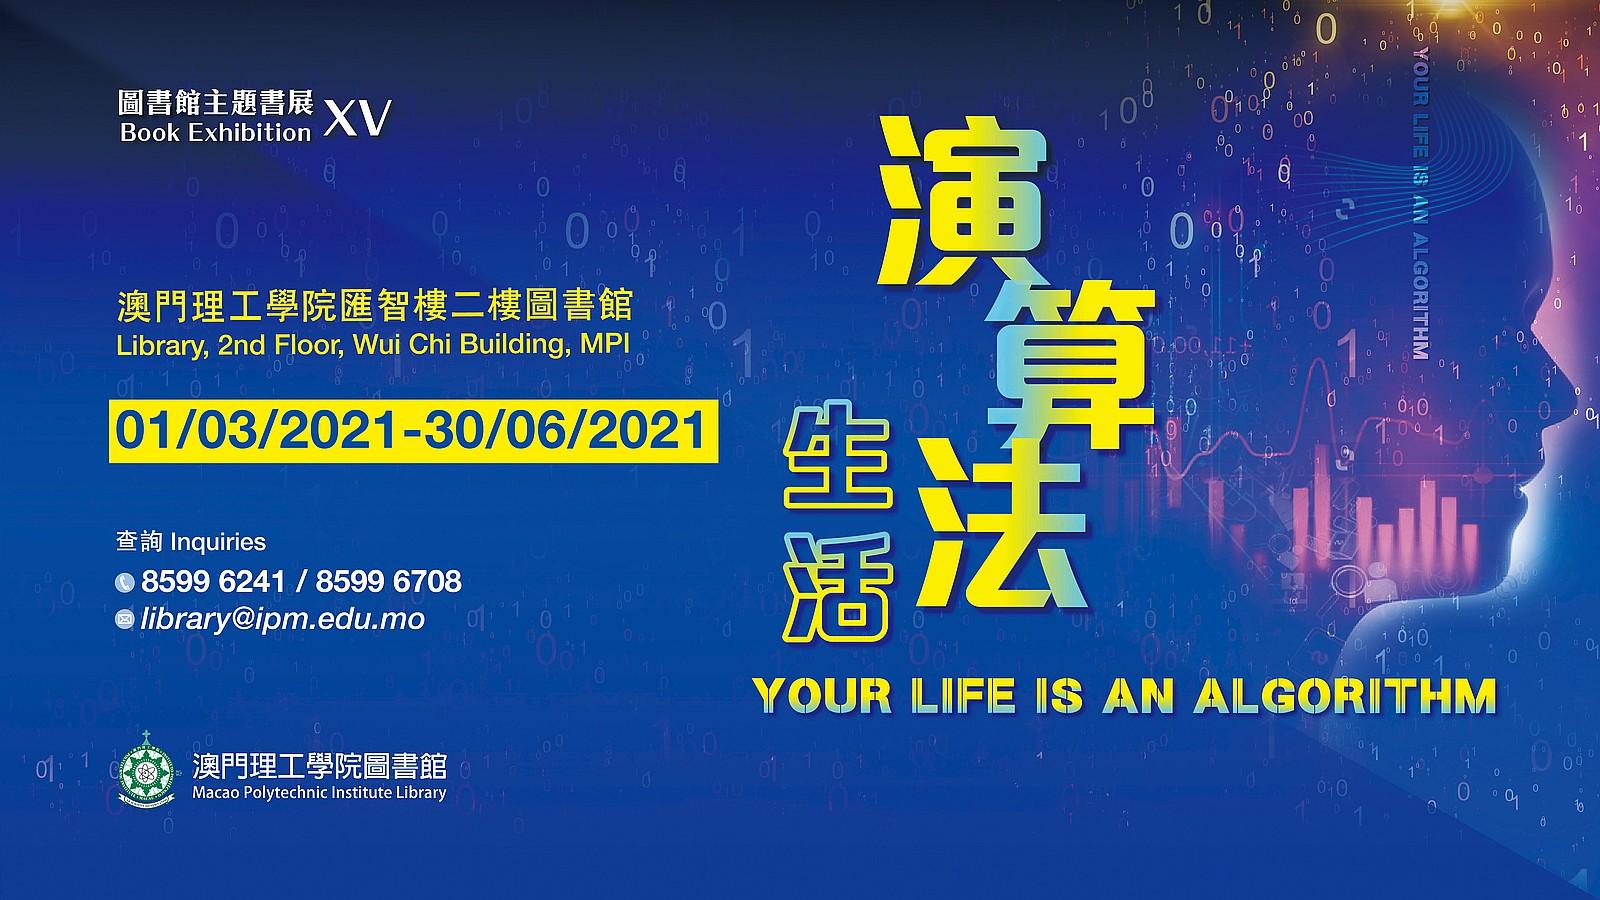 主題書展15 - 演算法生活